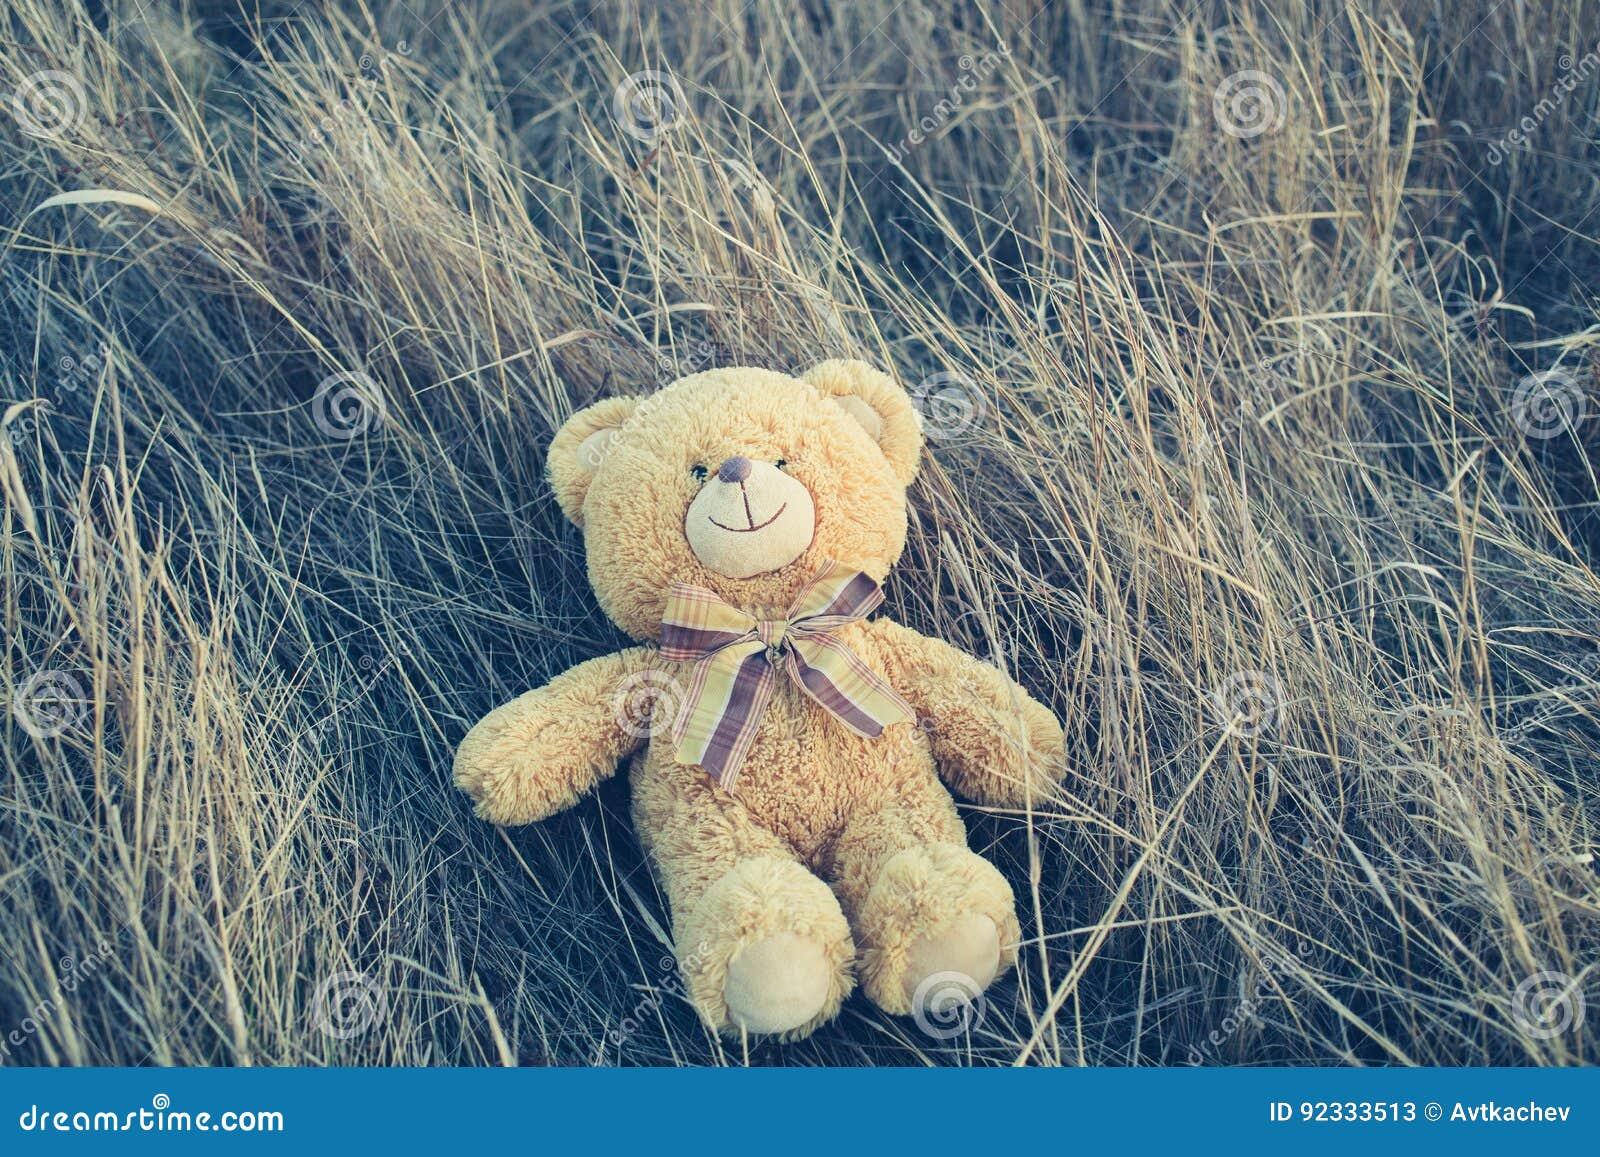 Teddybär betreffen das Gras